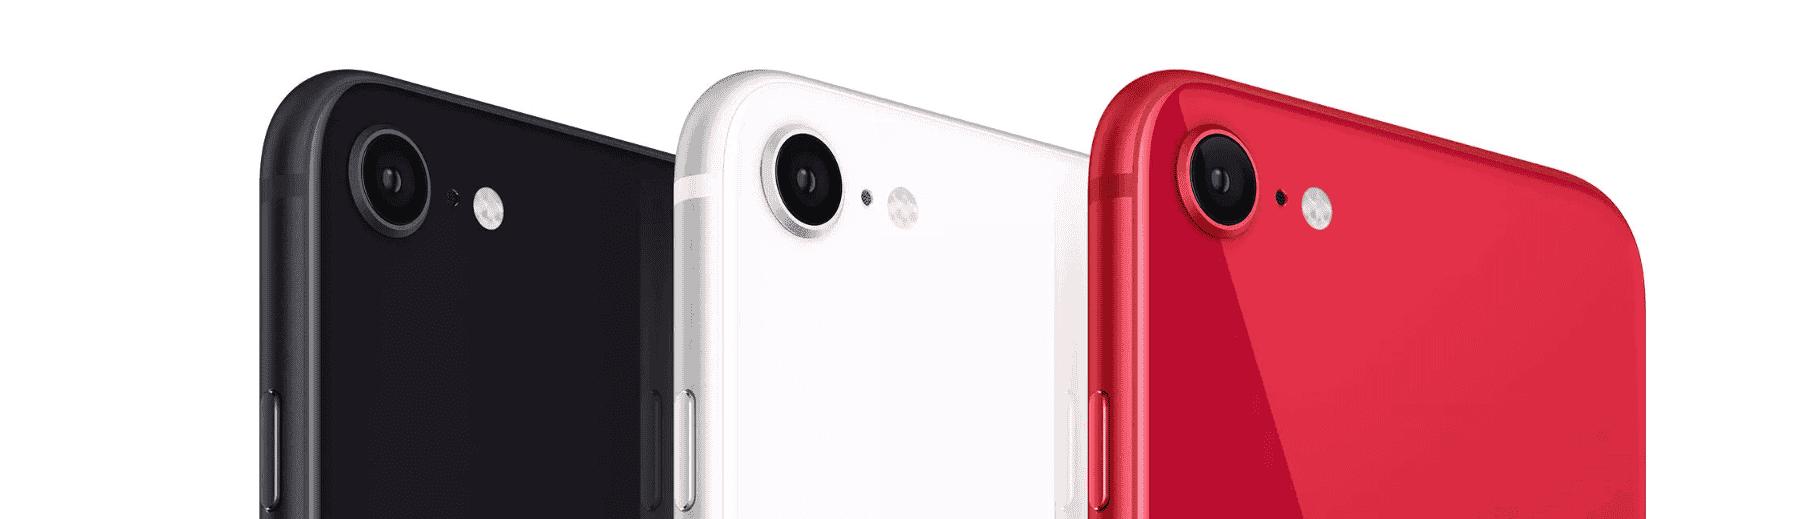 Nowy iPhone SE (2020) - czy Apple należy się pochwała?